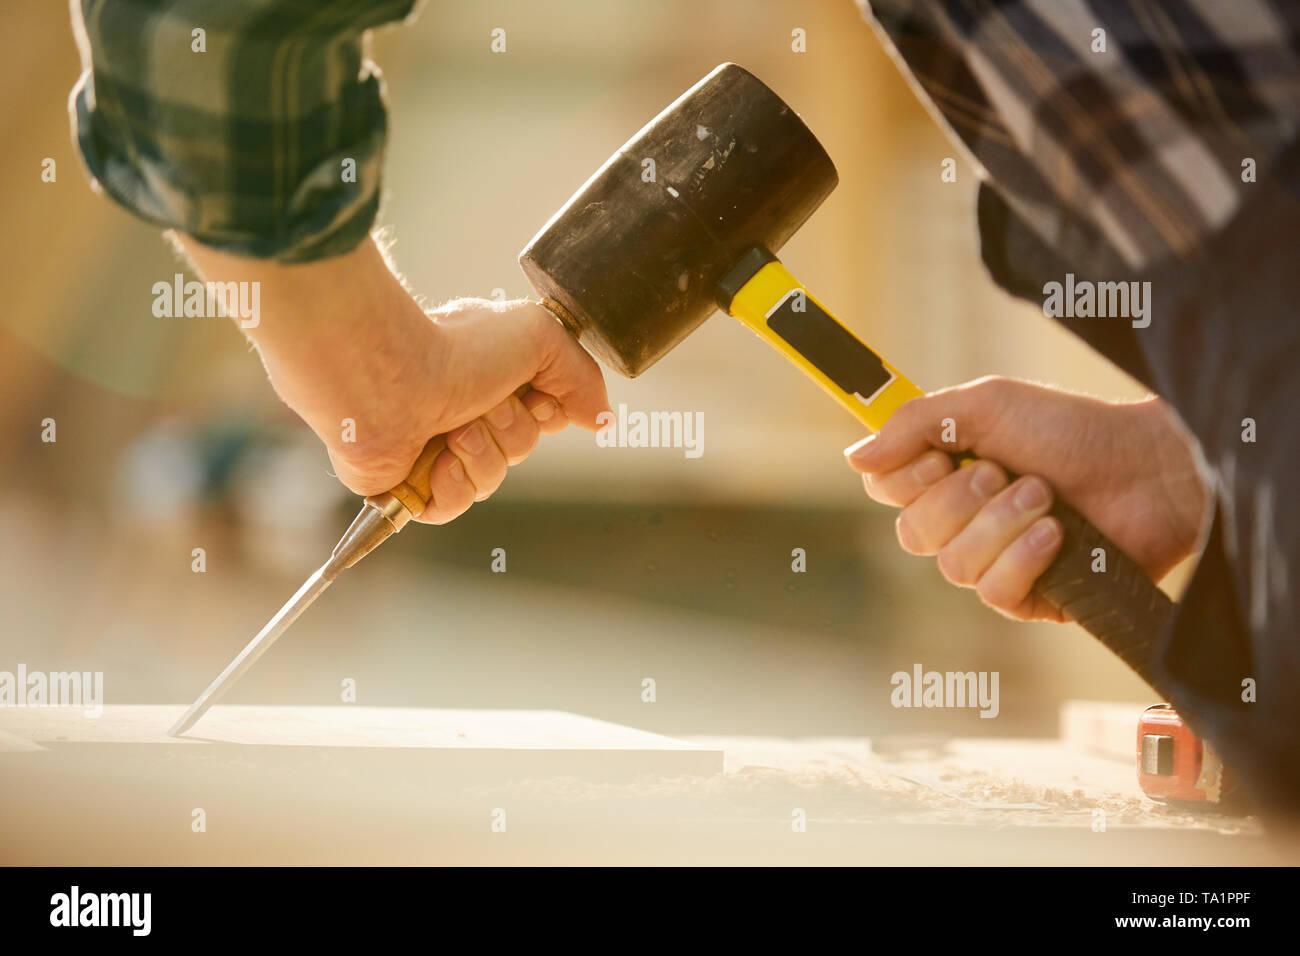 Nahaufnahme des unkenntlich Schreiner Nagel mit dem Hammer schlagen, während in der Tischlerei arbeiten, kopieren Raum Stockbild